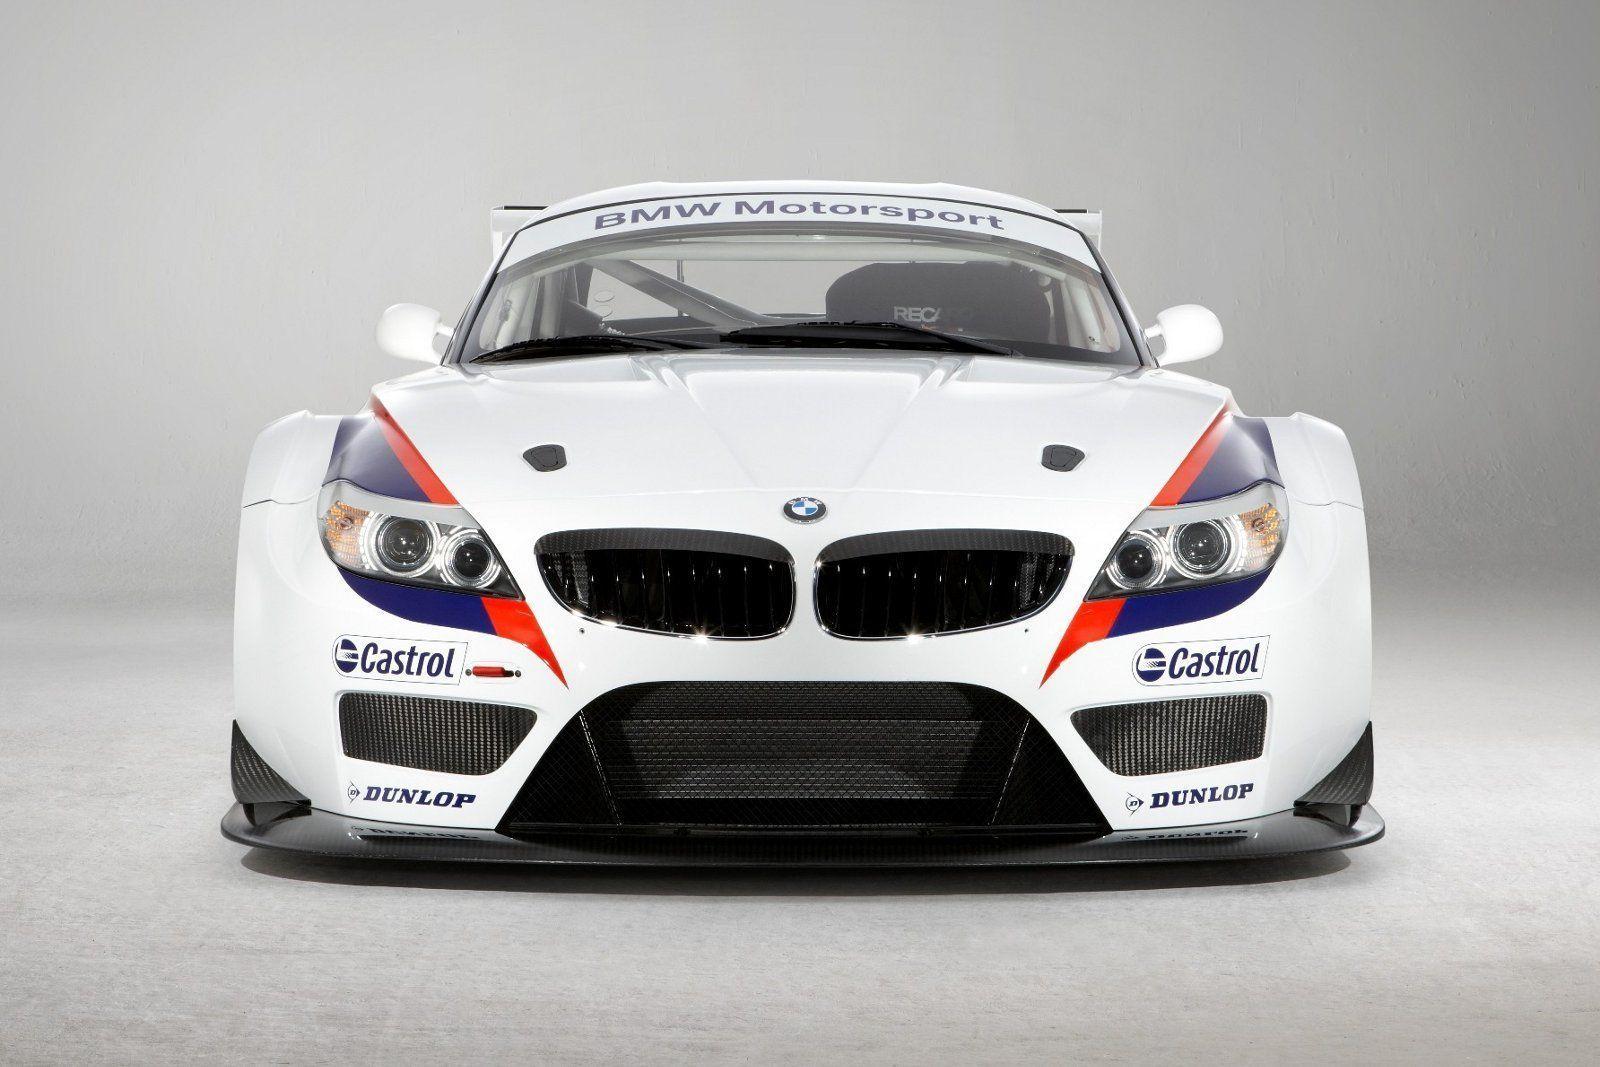 Bmw Z4 Gt3 Race Car Bmw Photo 11054712 Fanpop